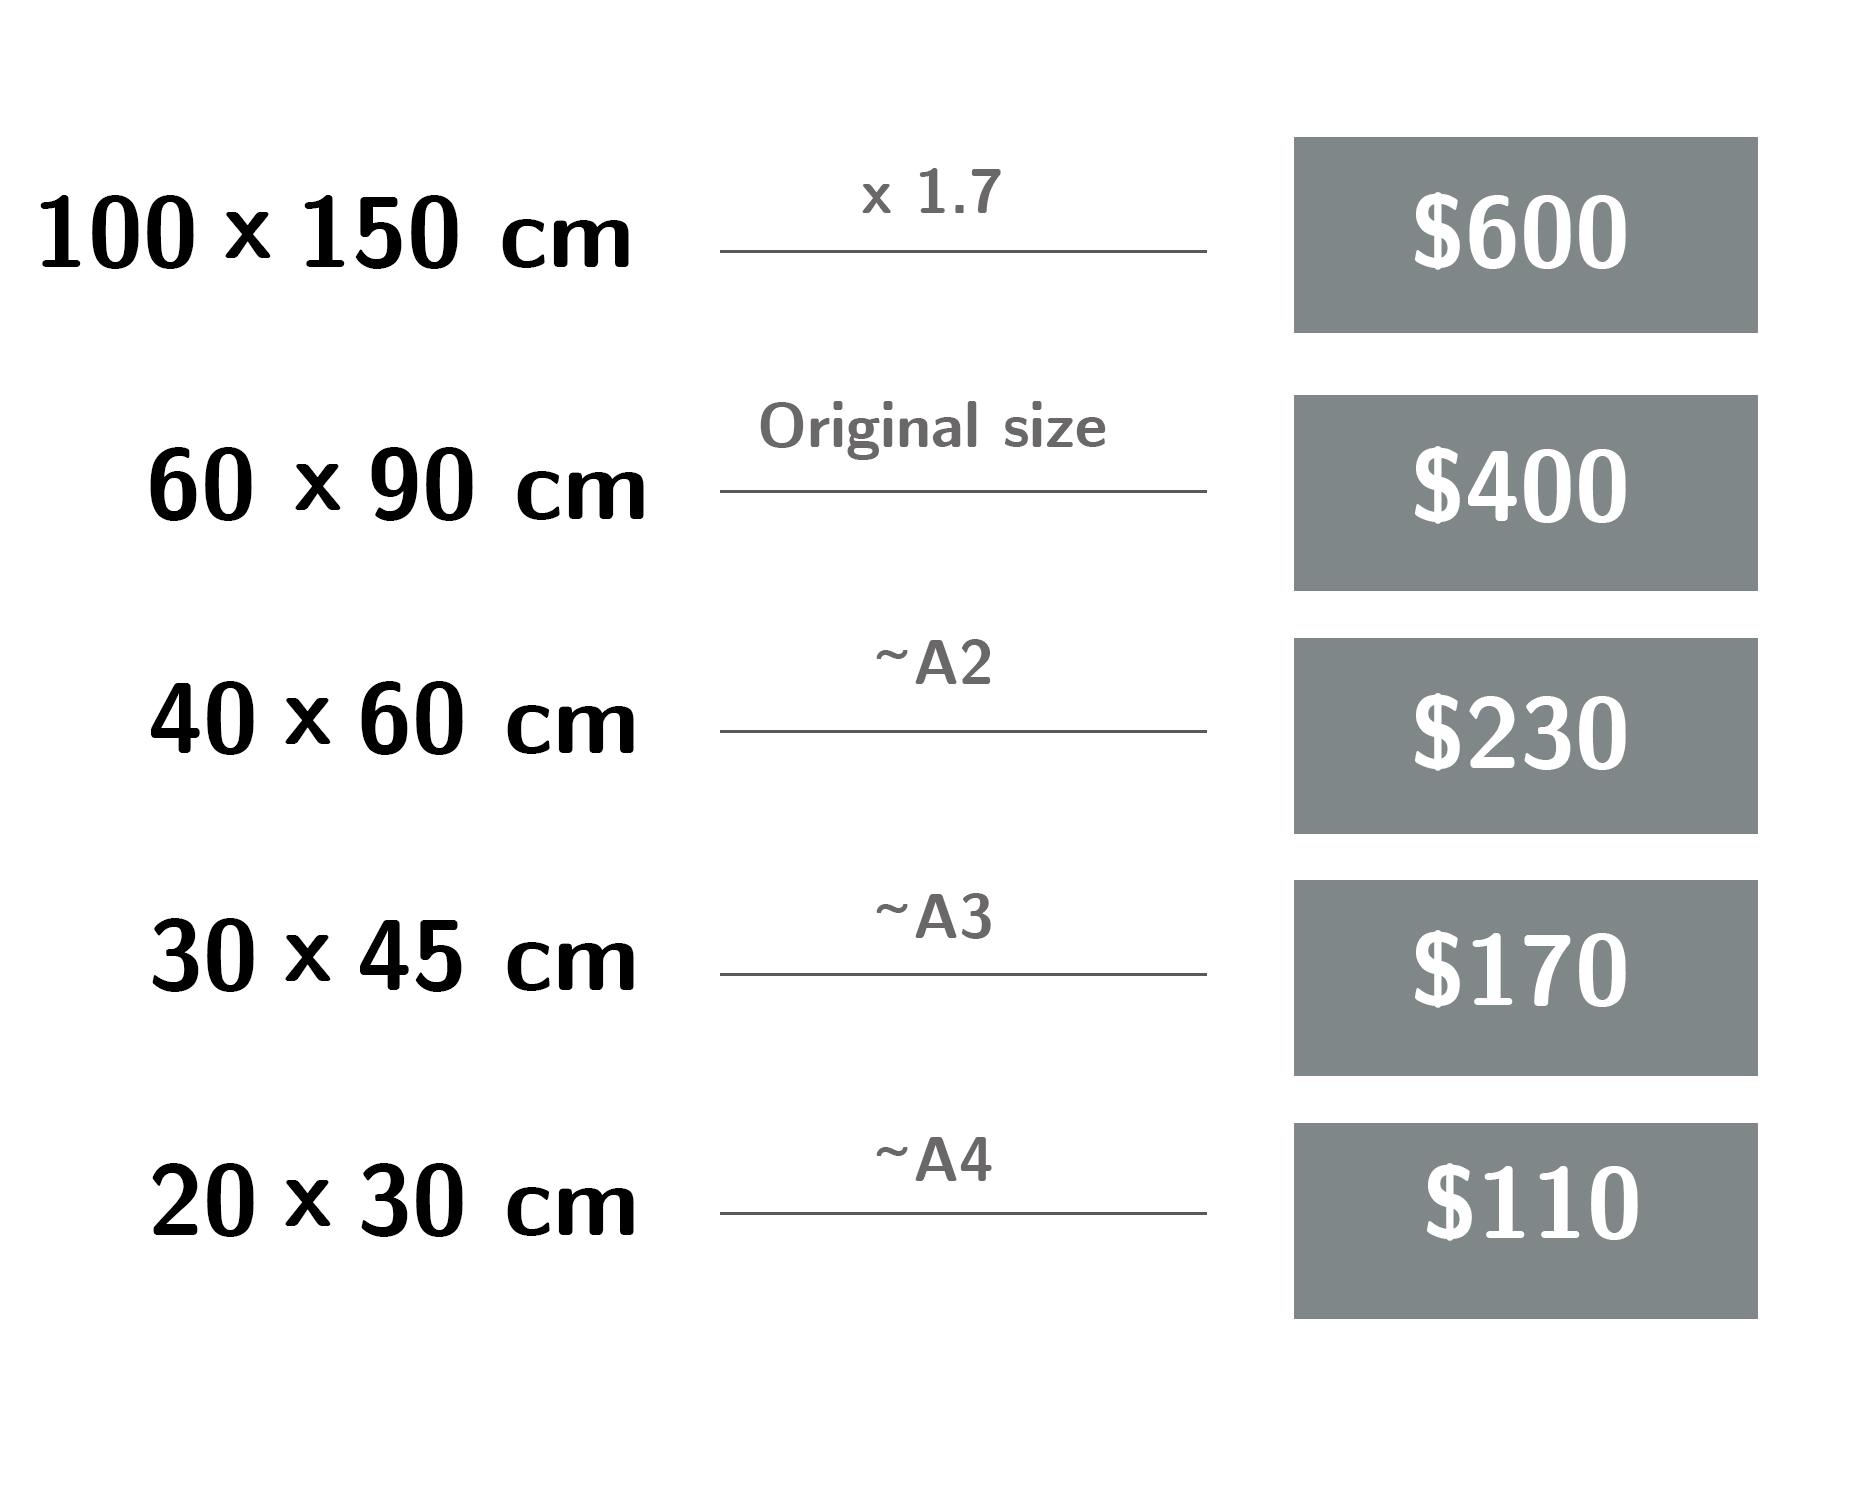 гонец размеры и цены холст.jpg